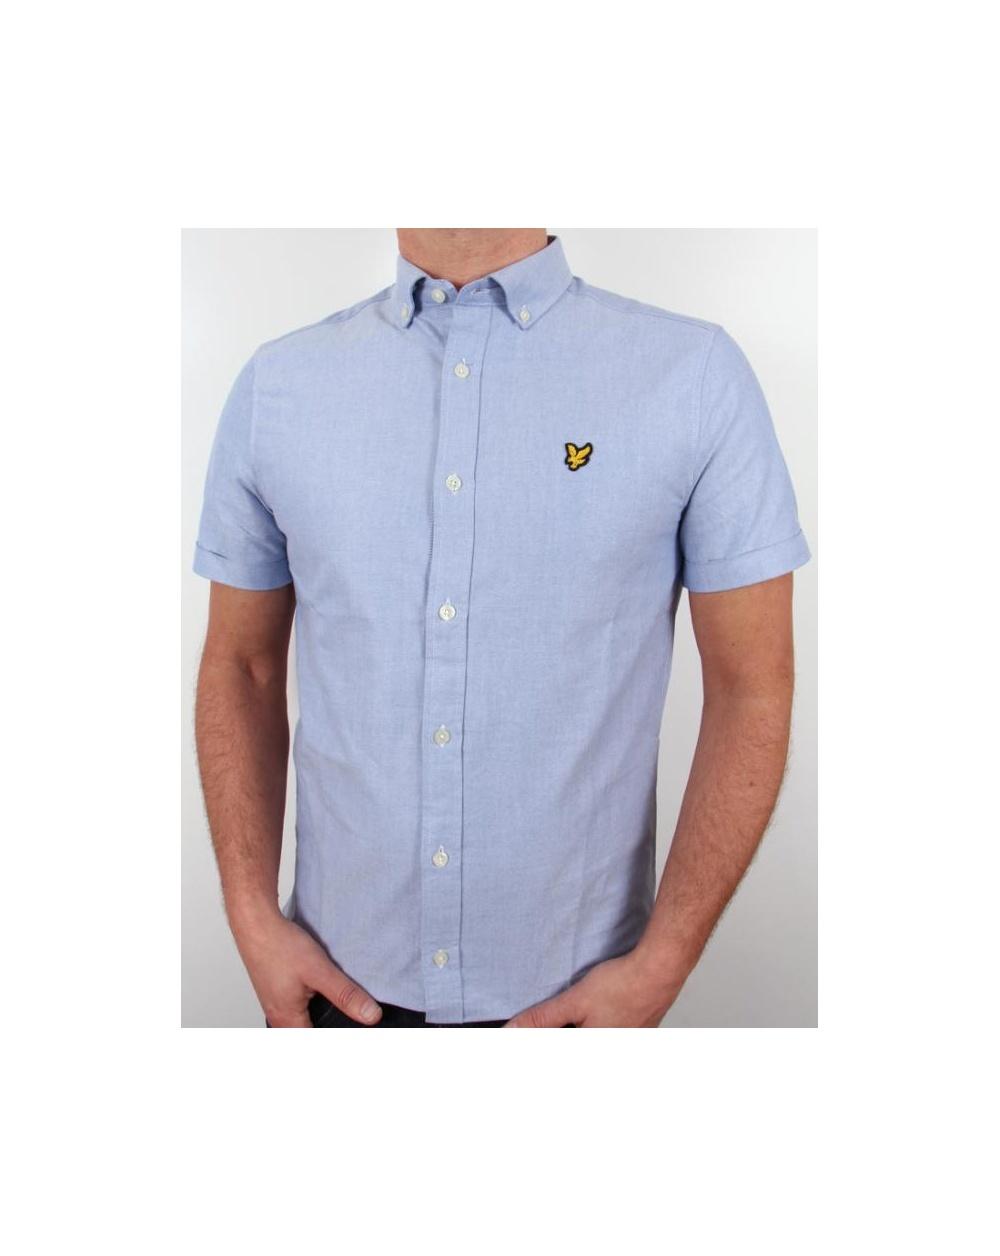 Lyle And Scott Short Sleeve Oxford Shirt Light Blue